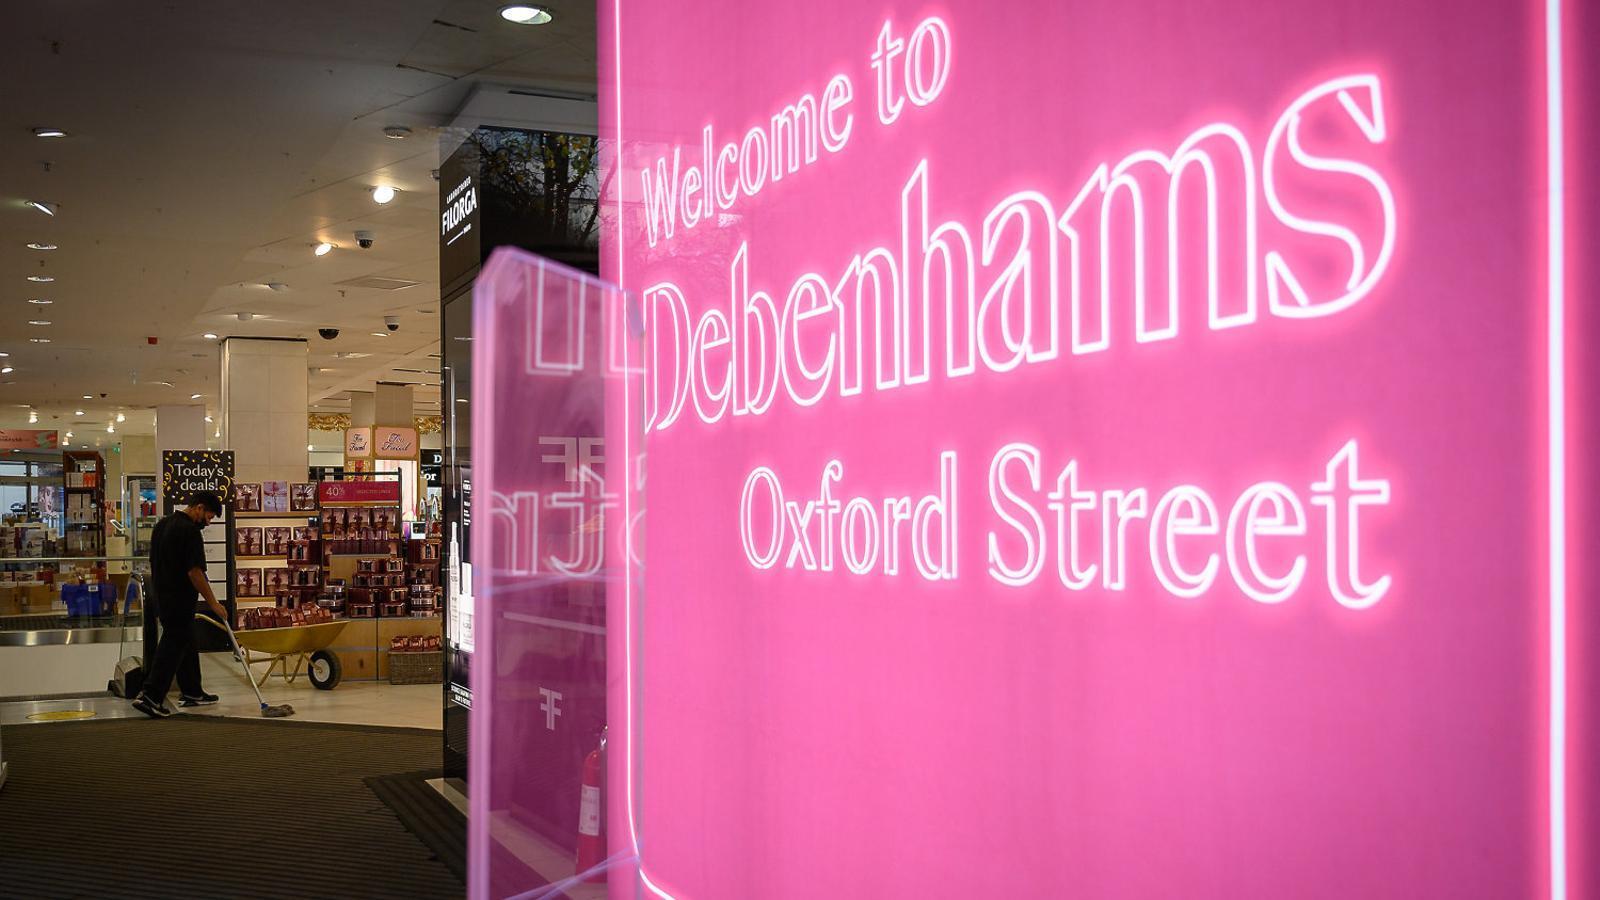 Oxford Street enterra un altre gegant il·lustre